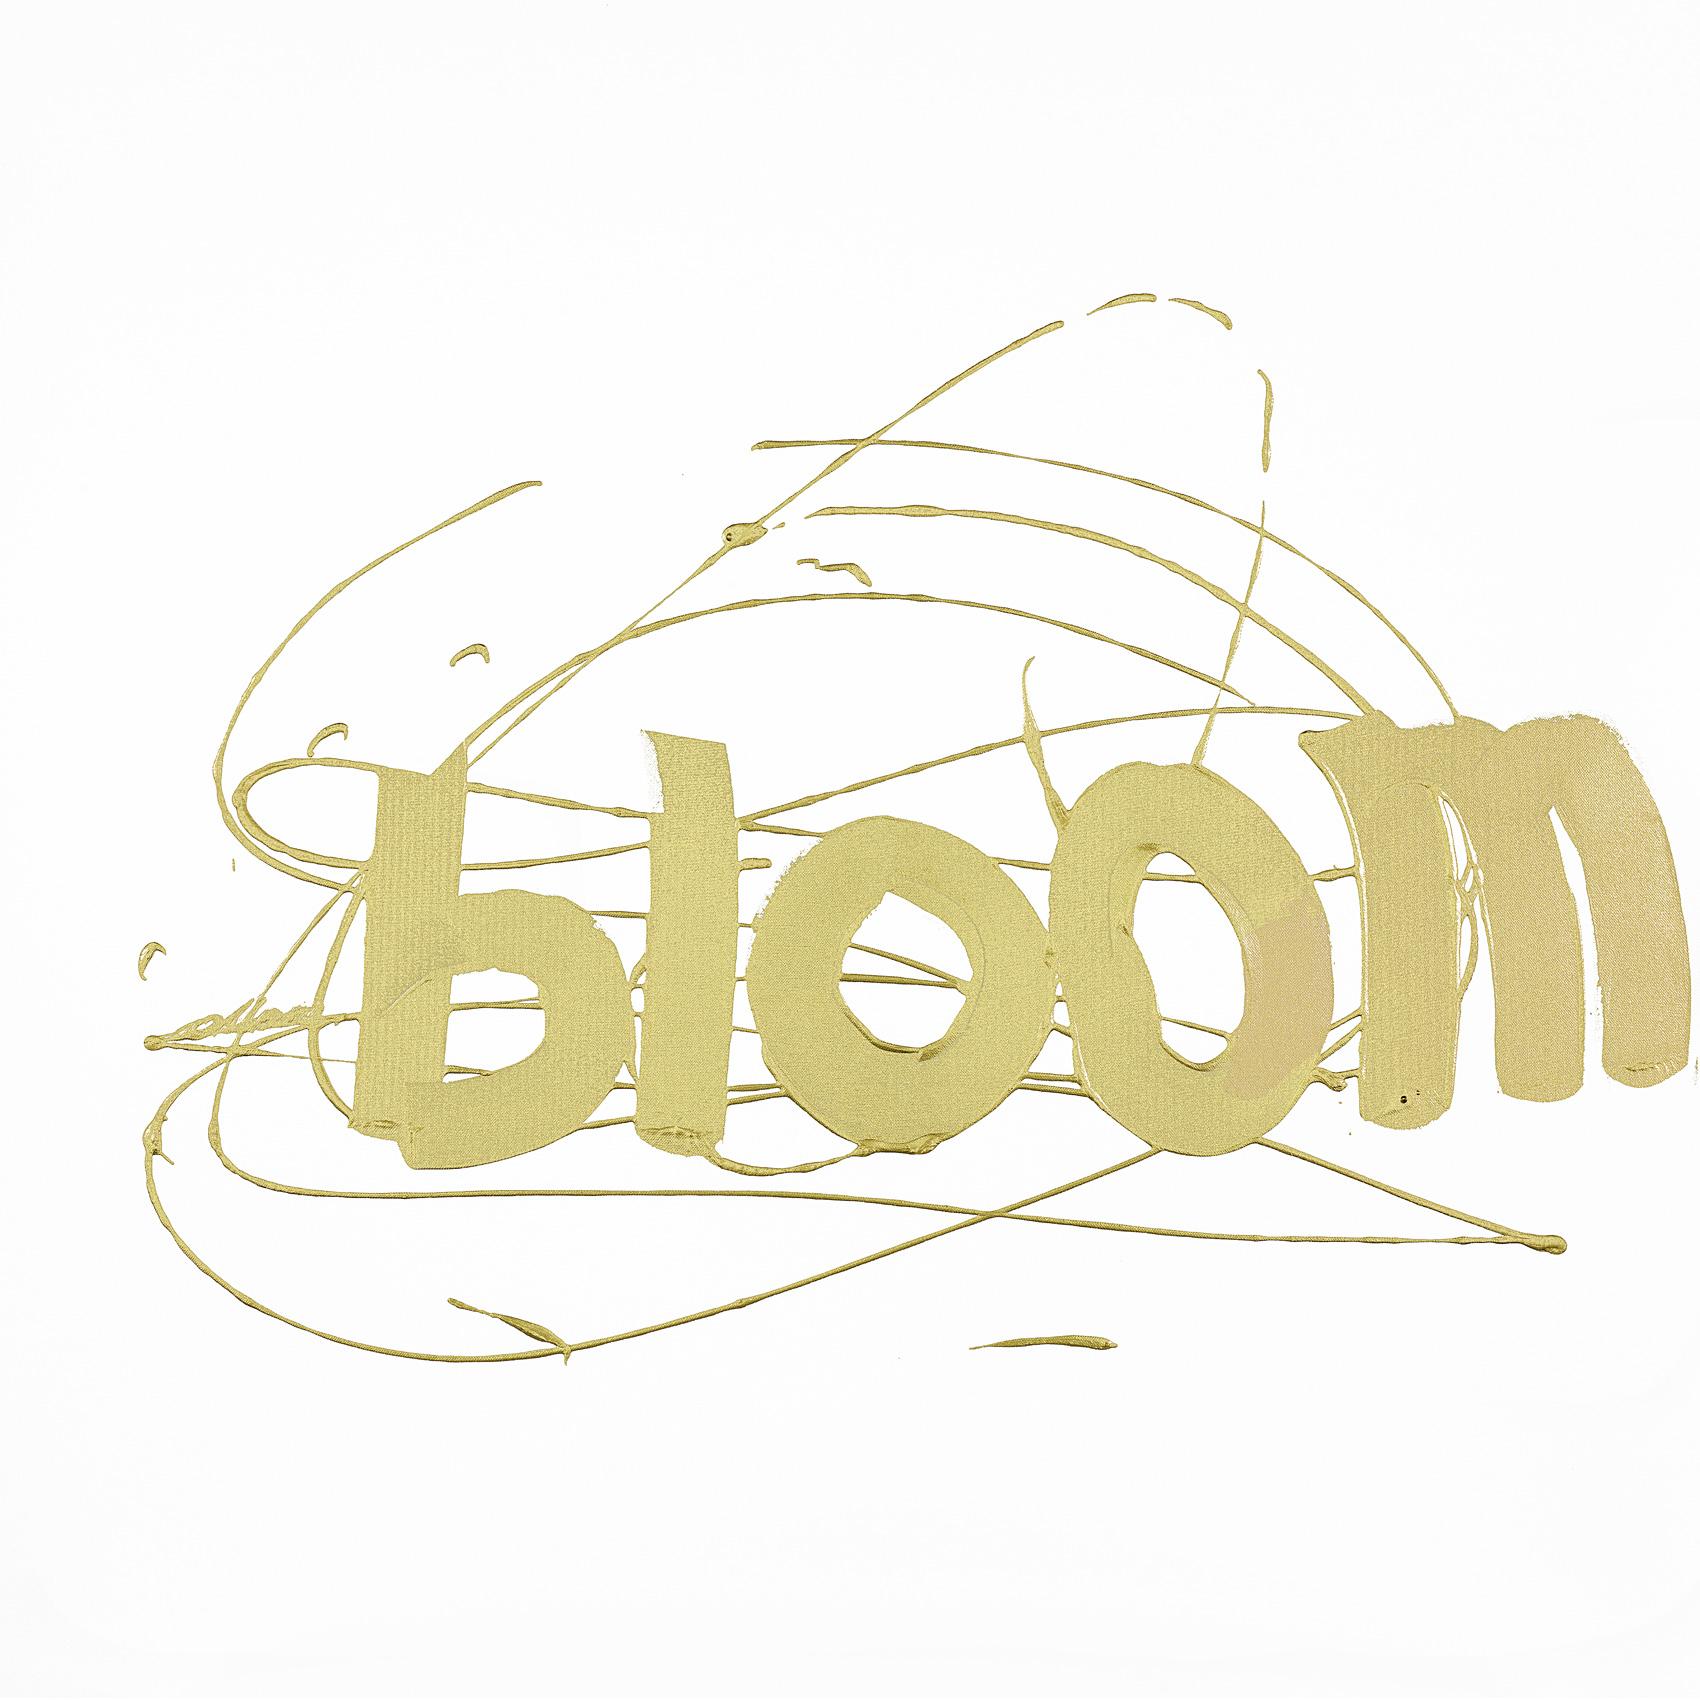 Bloom_5278